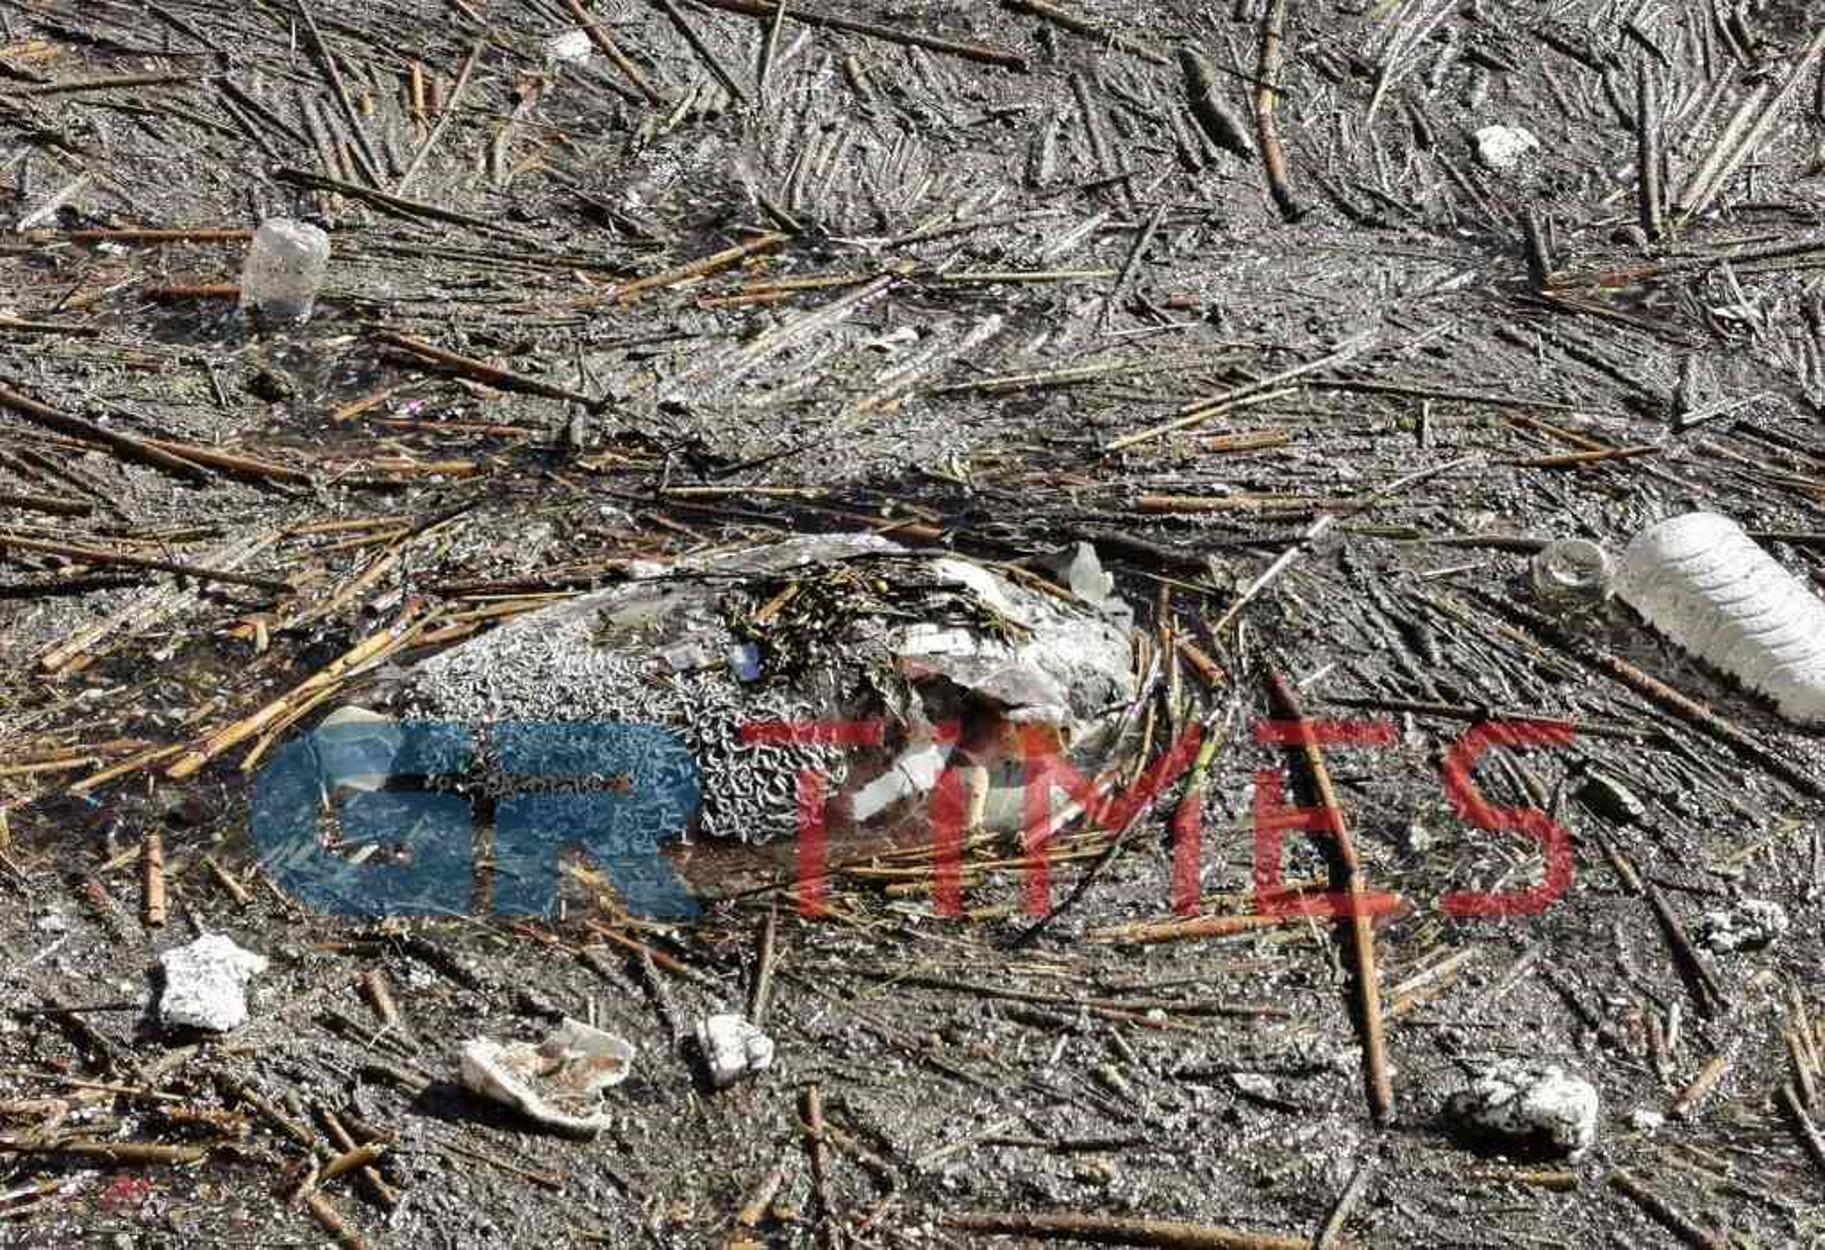 Ένα μεγαλόσωμο ζώο και μία καρέτα καρέτα ξεβράστηκαν νεκρά στον Θερμαϊκό (pics, video)